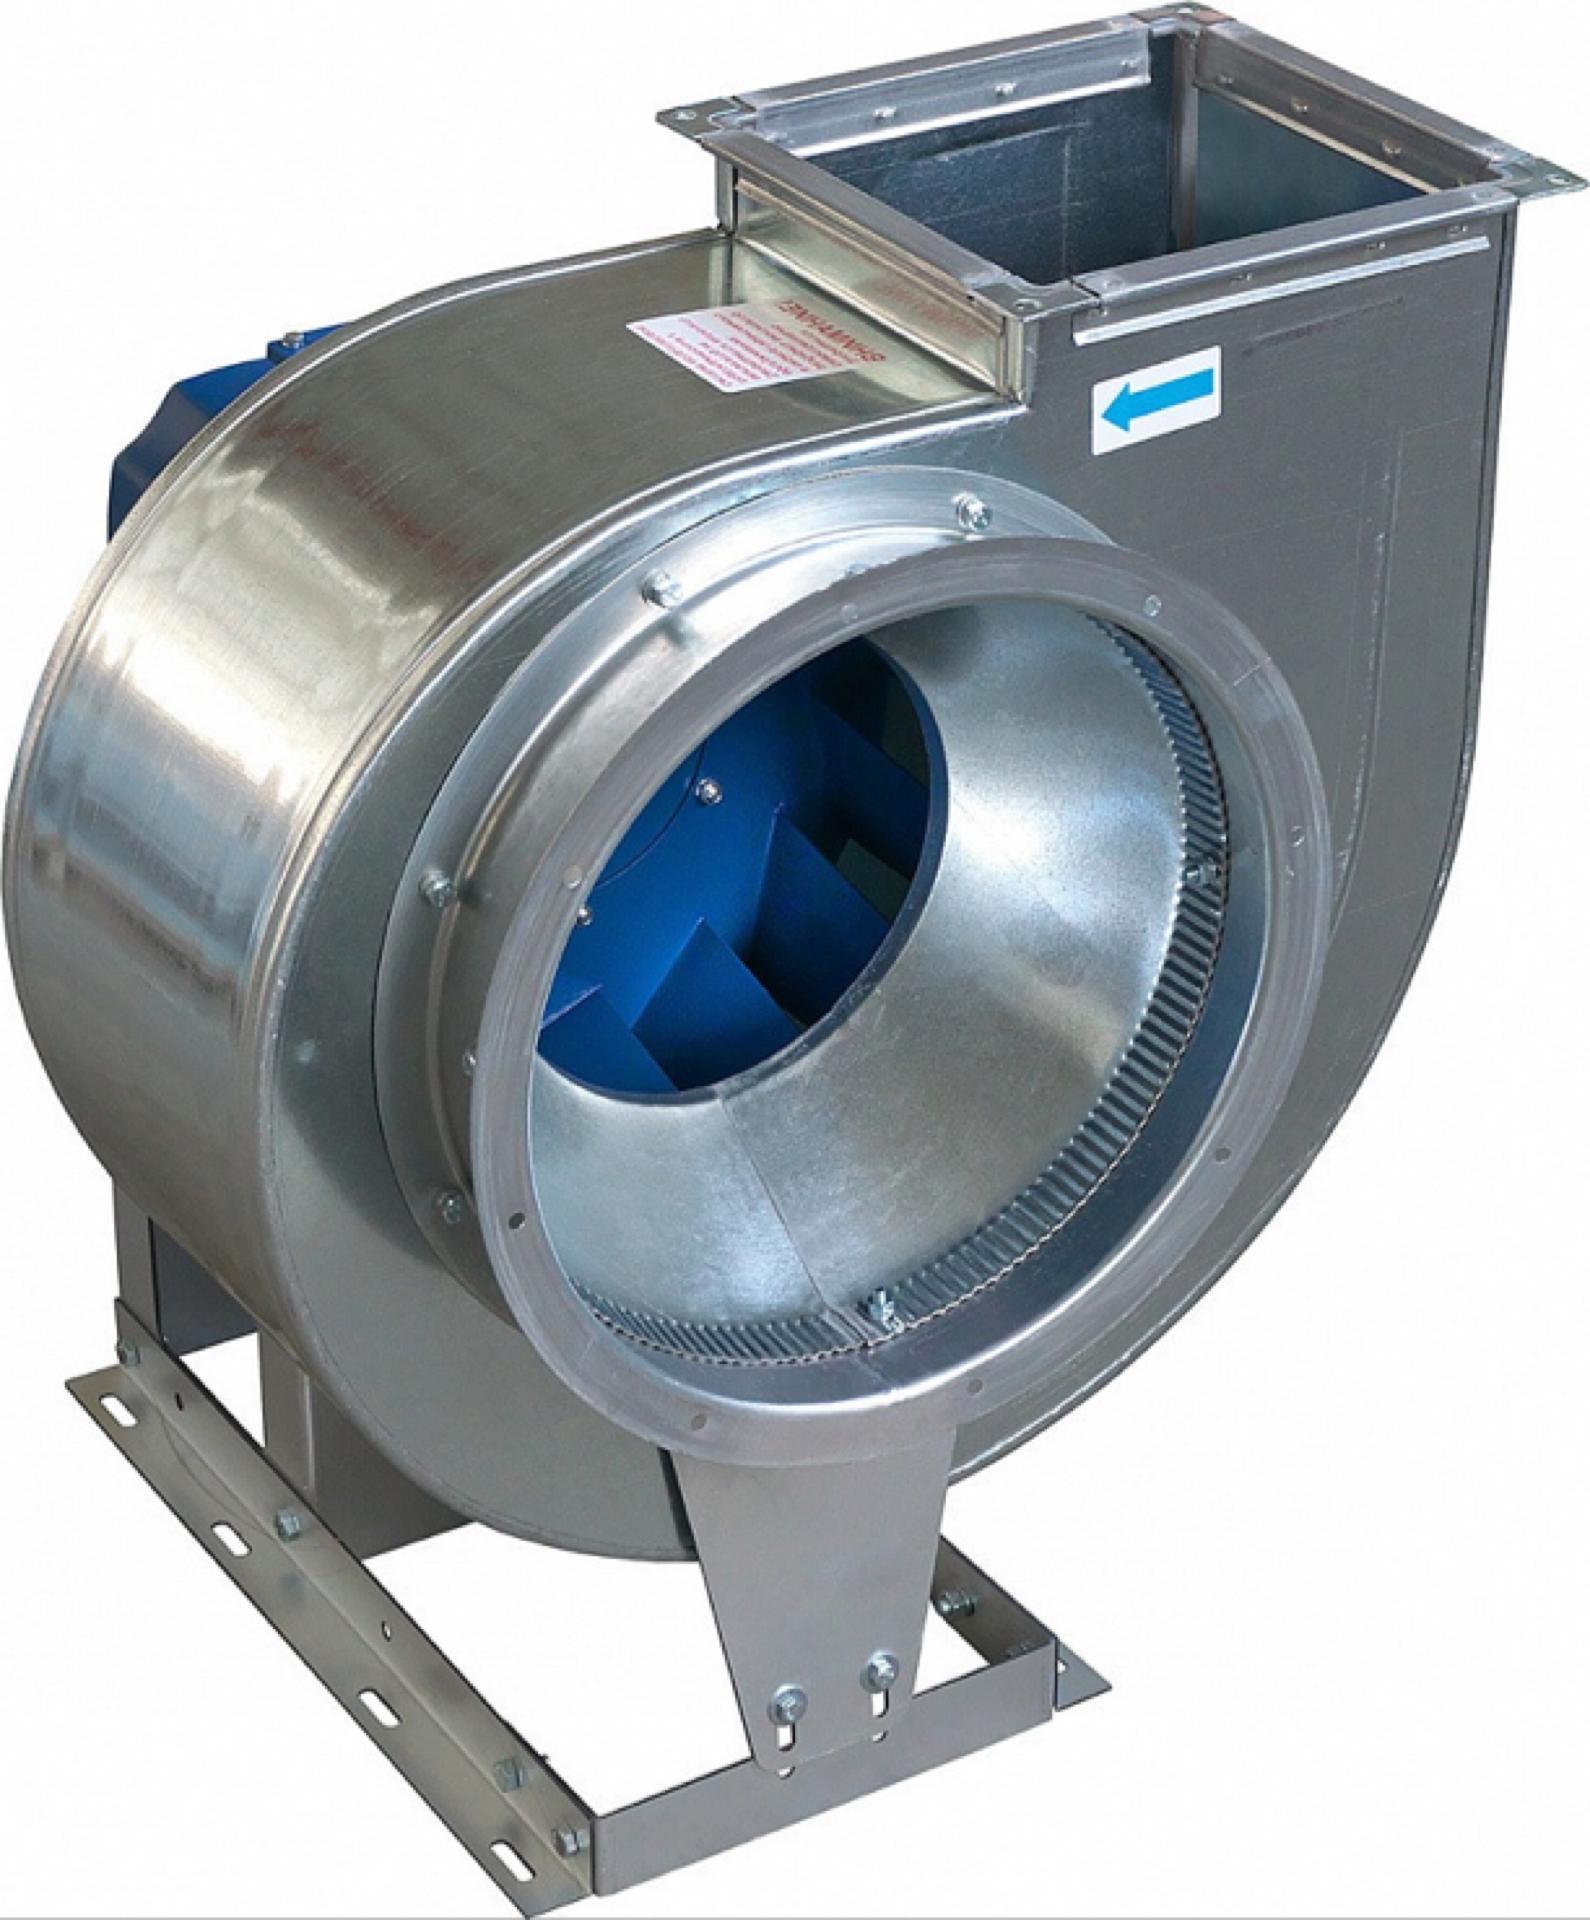 Вентилятор ВР-86-77-6,3 3,0 кВт*1000 об/мин ЛО (Д=1,05Дн)